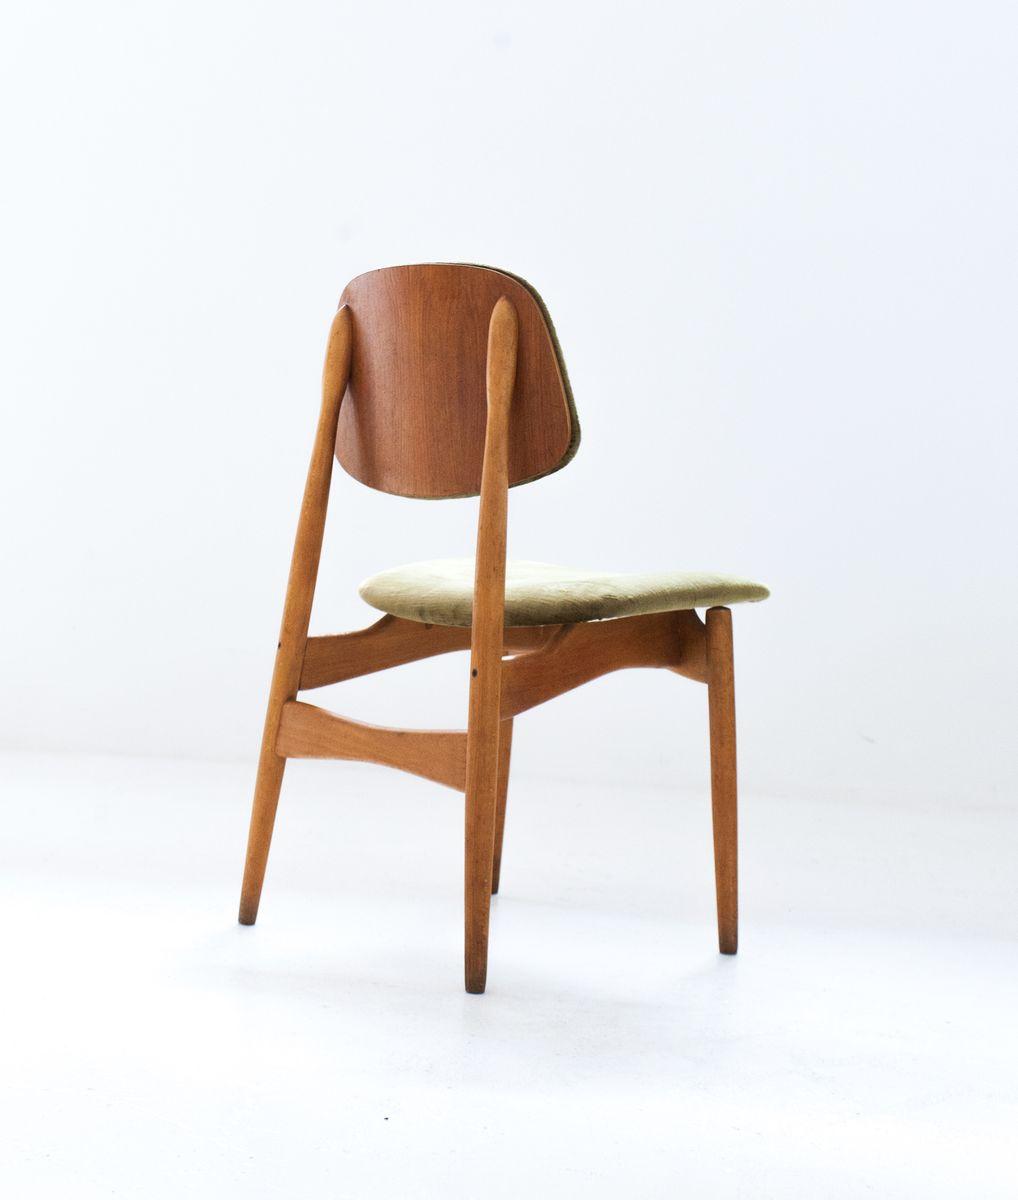 italienische st hle mit samtbezug von proserpio 1950er 6er set bei pamono kaufen. Black Bedroom Furniture Sets. Home Design Ideas